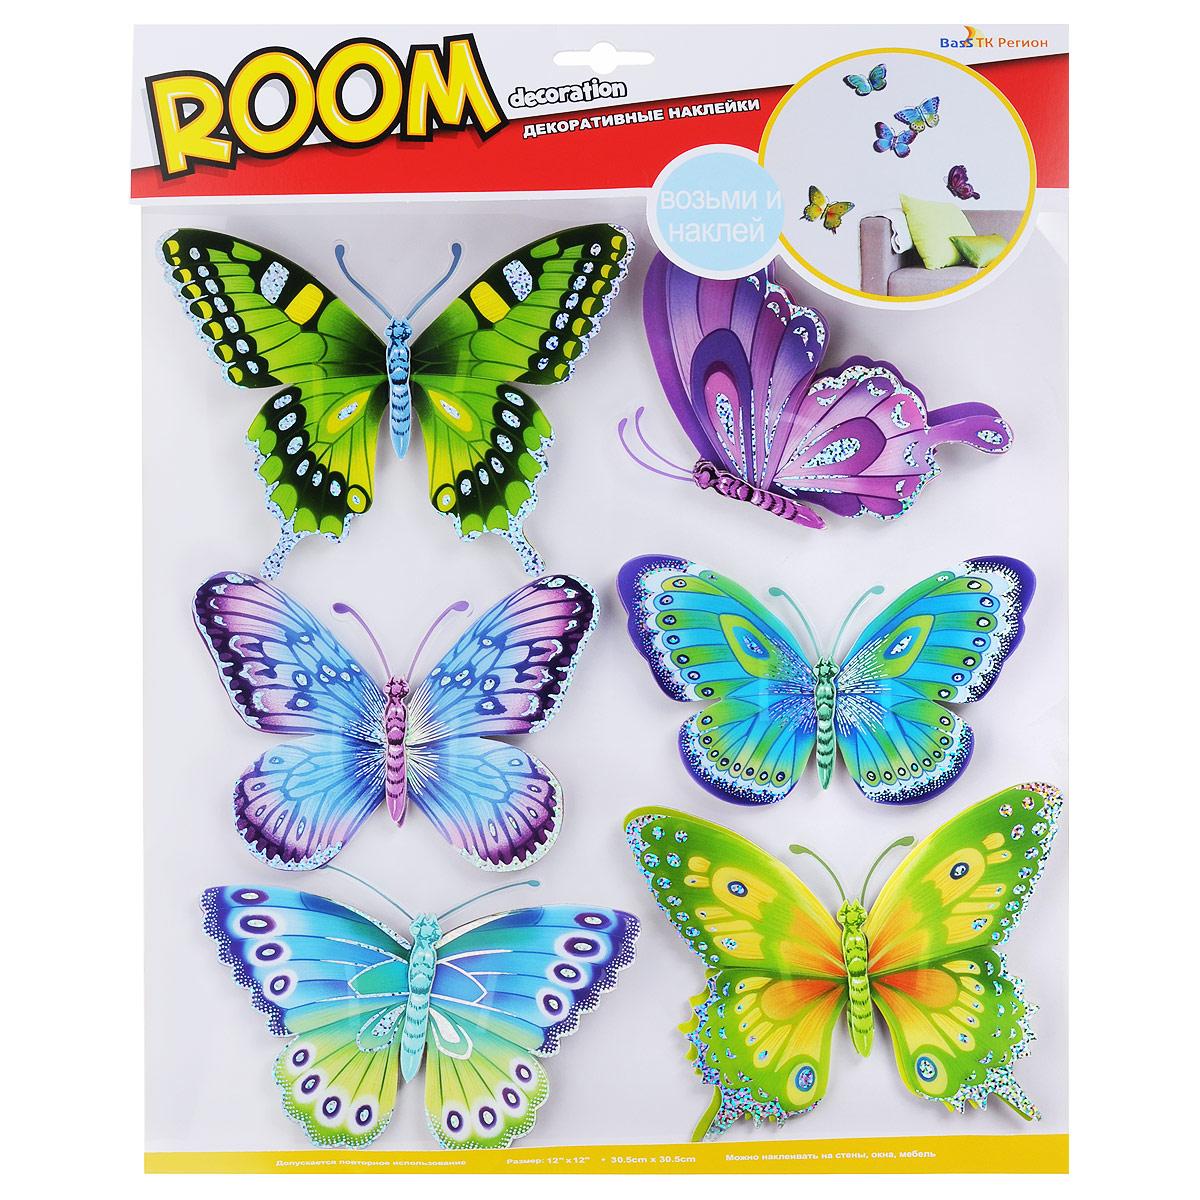 Наклейки для интерьера Room Decoration Блестящие бабочки, 30,5 х 30,5 смKCO-30-569966Наклейки для стен и предметов интерьера Room Decoration Блестящие бабочки, изготовленные из экологически безопасной самоклеящейся виниловой пленки - это удивительно простой и быстрый способ оживить интерьер помещения. На одном листе расположены 6 наклеек в виде бабочек с серебристыми переливающимися вставками.Интерьерные наклейки дадут вам вдохновение, которое изменит вашу жизнь и поможет погрузиться в мир ярких красок, фантазий и творчества. Для вас открываются безграничные возможности придумать оригинальный дизайн и придать новый вид стенам и мебели. Наклейки абсолютно безопасны для здоровья. Они быстро и легко наклеиваются на любые ровные поверхности: стены, окна, двери, кафельную плитку, виниловые и флизелиновые обои, стекла, мебель. При необходимости удобно снимаются, не оставляют следов и не повреждают поверхность (кроме бумажных обоев). Наклейки Room Decoration Блестящие бабочки помогут вам изменить интерьер вокруг себя: в детской комнате и гостиной, на кухне и в прихожей, витрину кафе и магазина, детский садик и офис.